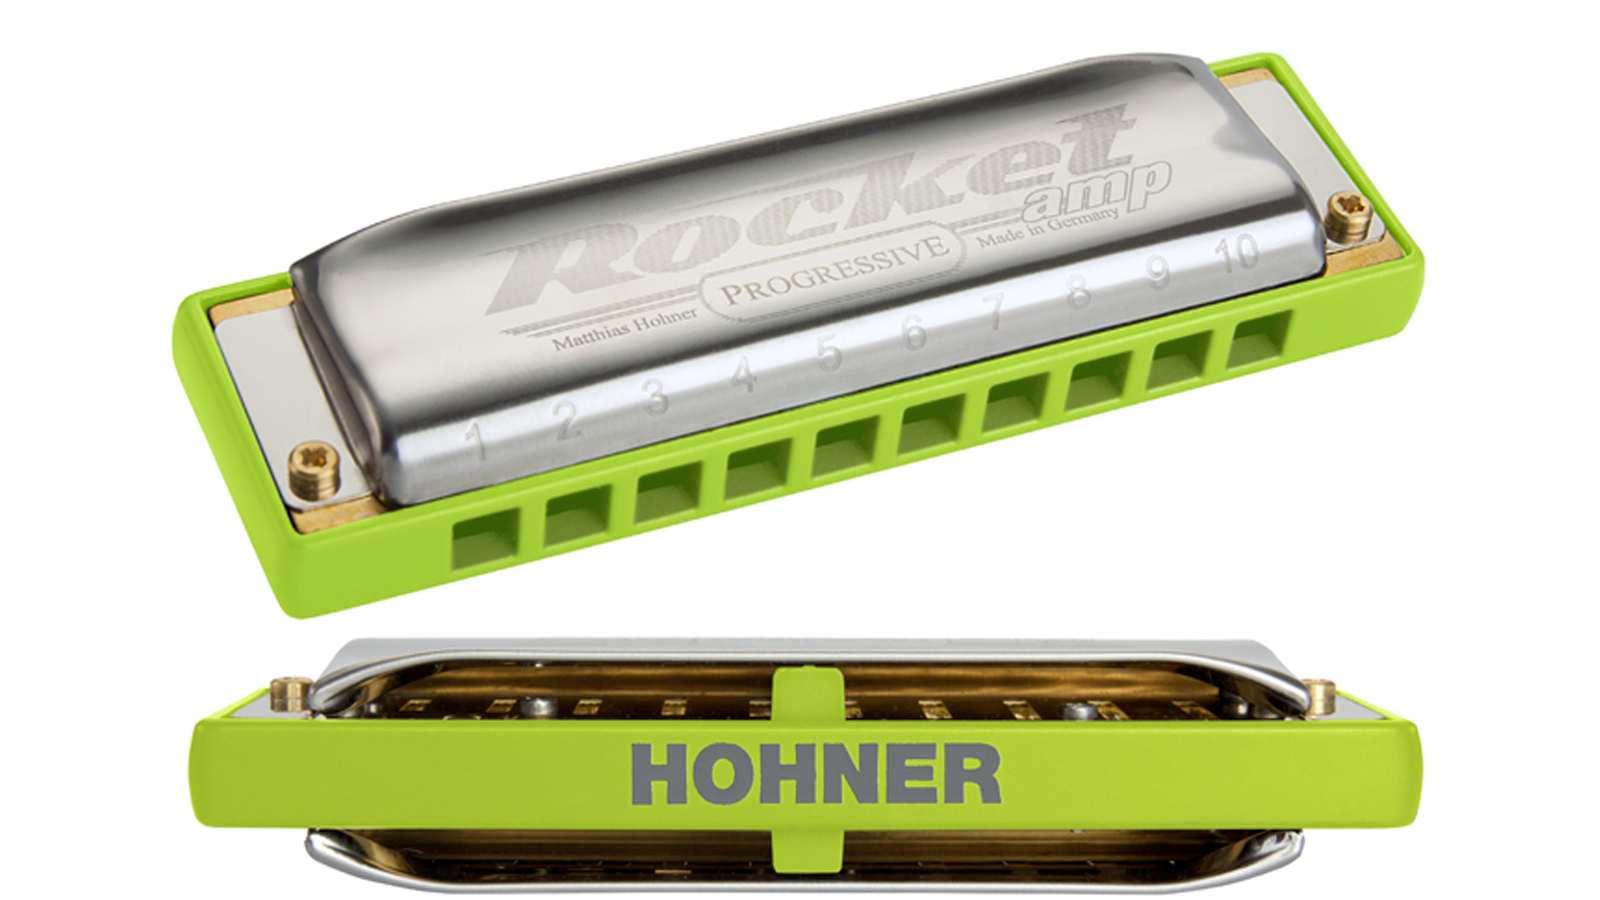 Hohner Rocket-Amp G-Dur Mundharmonika